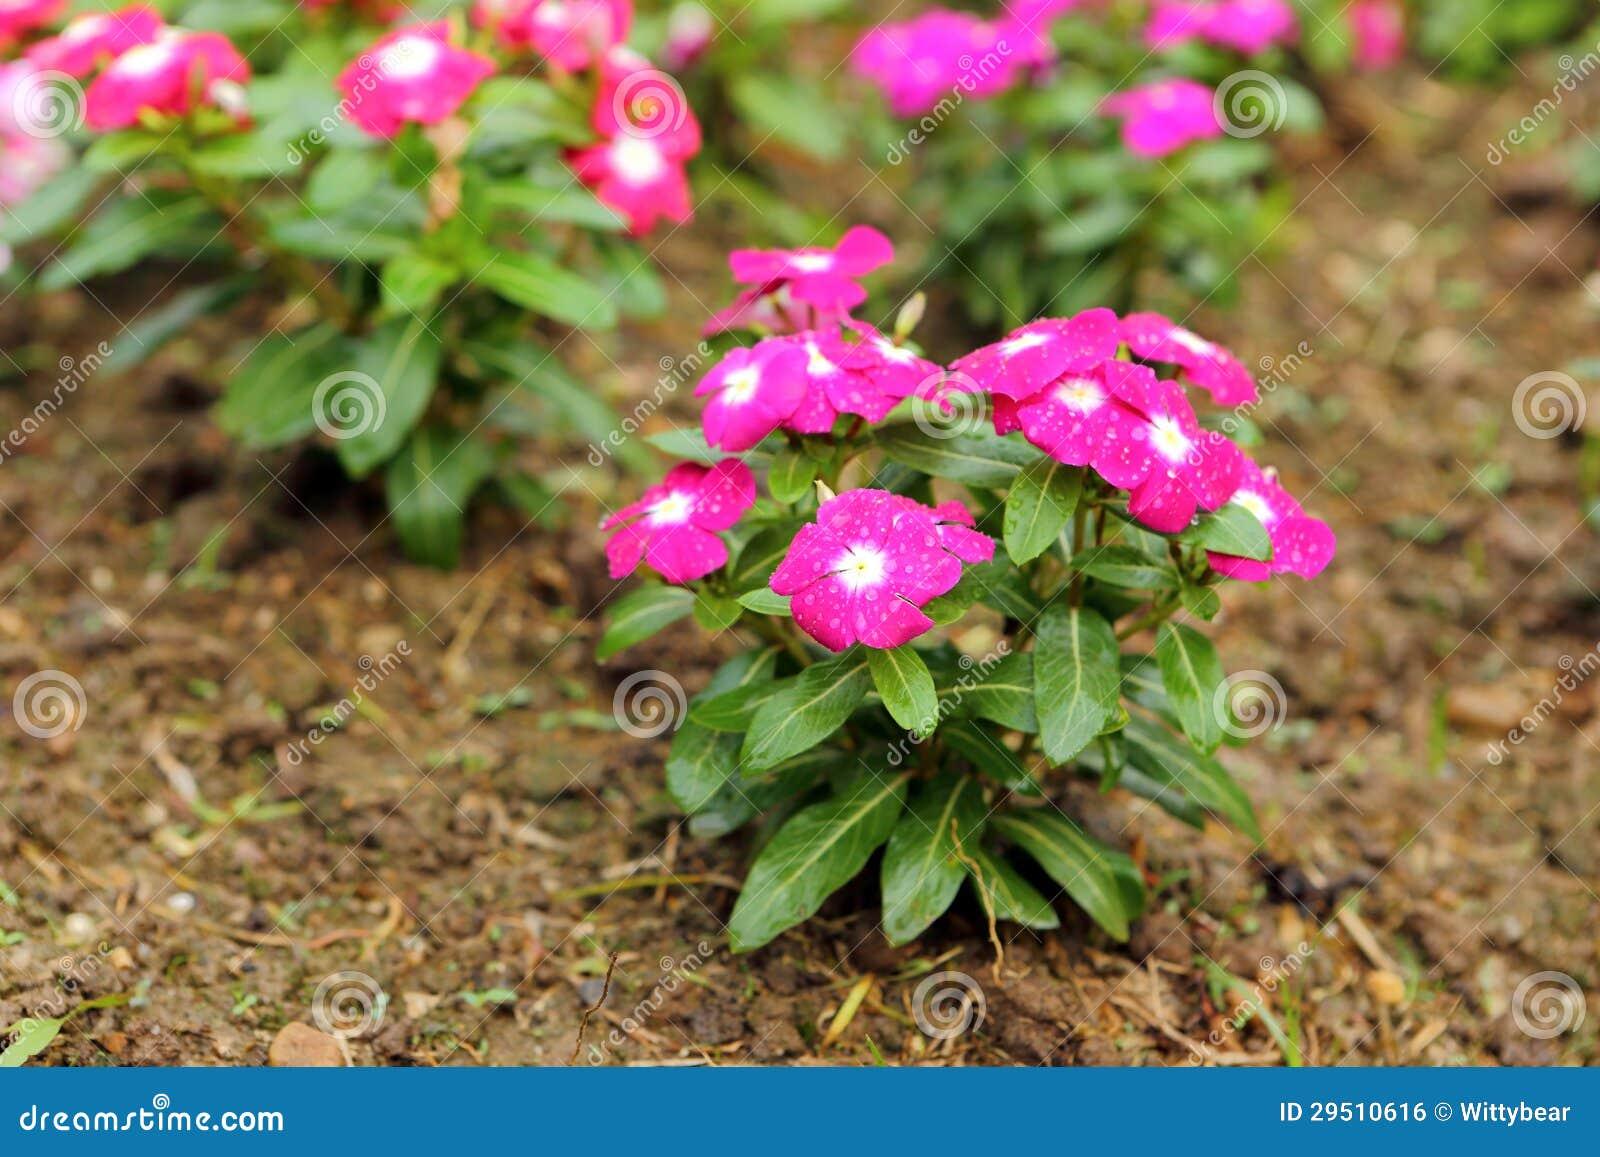 De roze bloesem van de bloemlente in tuin